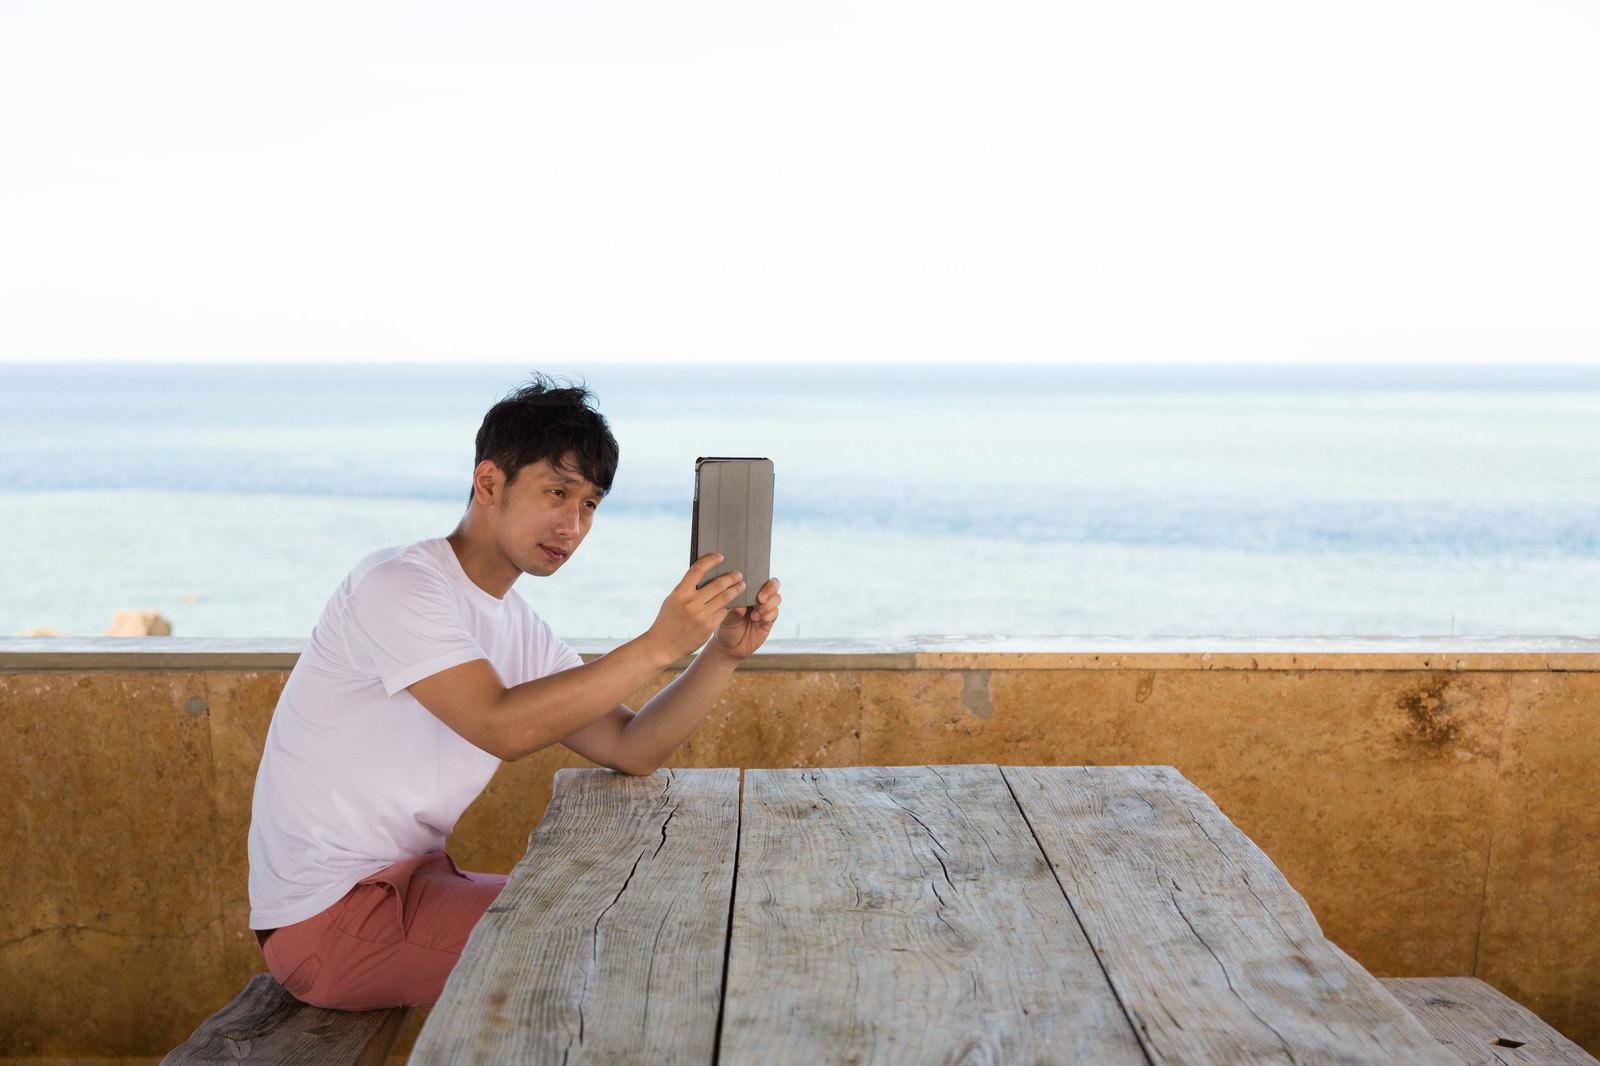 「タブレット端末で自撮りをする丘サーファータブレット端末で自撮りをする丘サーファー」[モデル:大川竜弥]のフリー写真素材を拡大